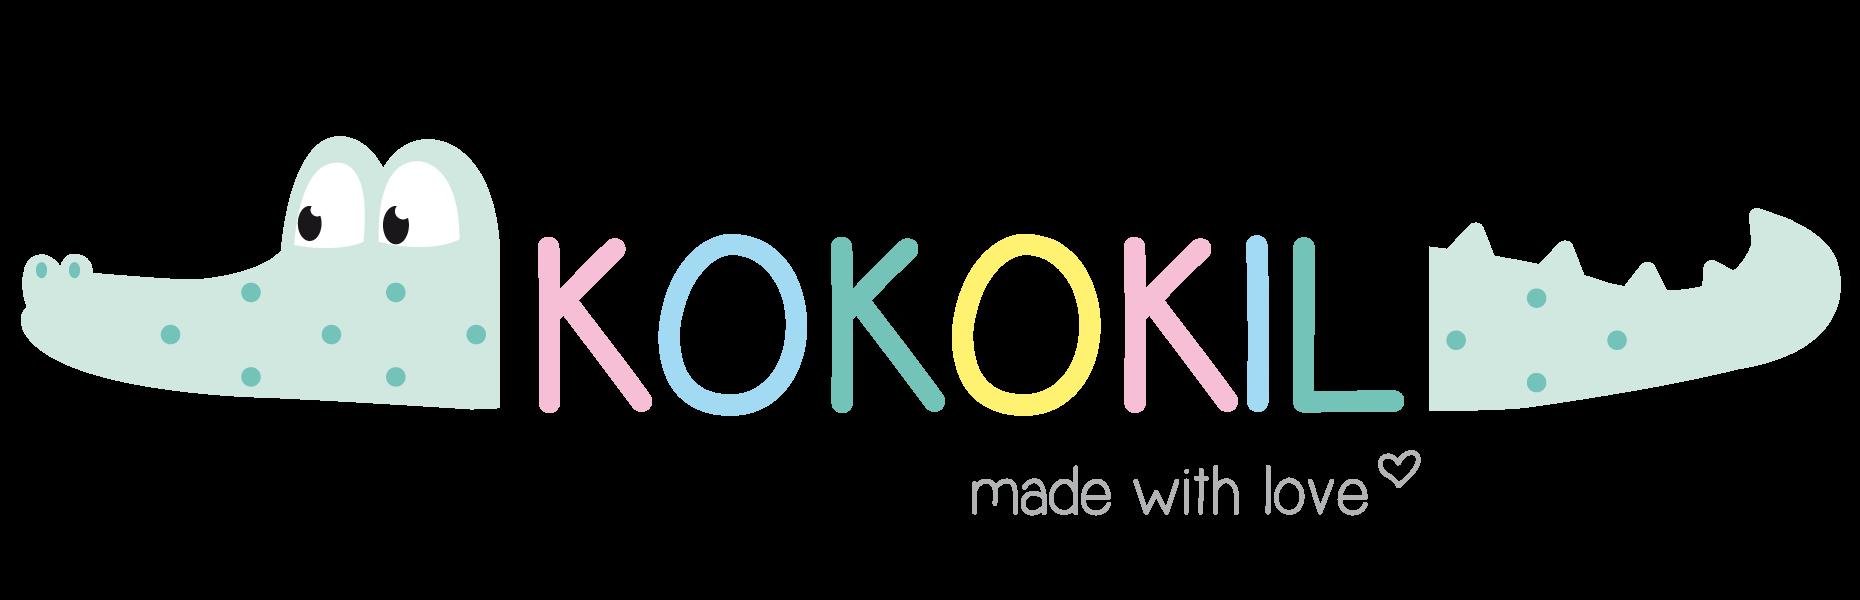 Kokokil